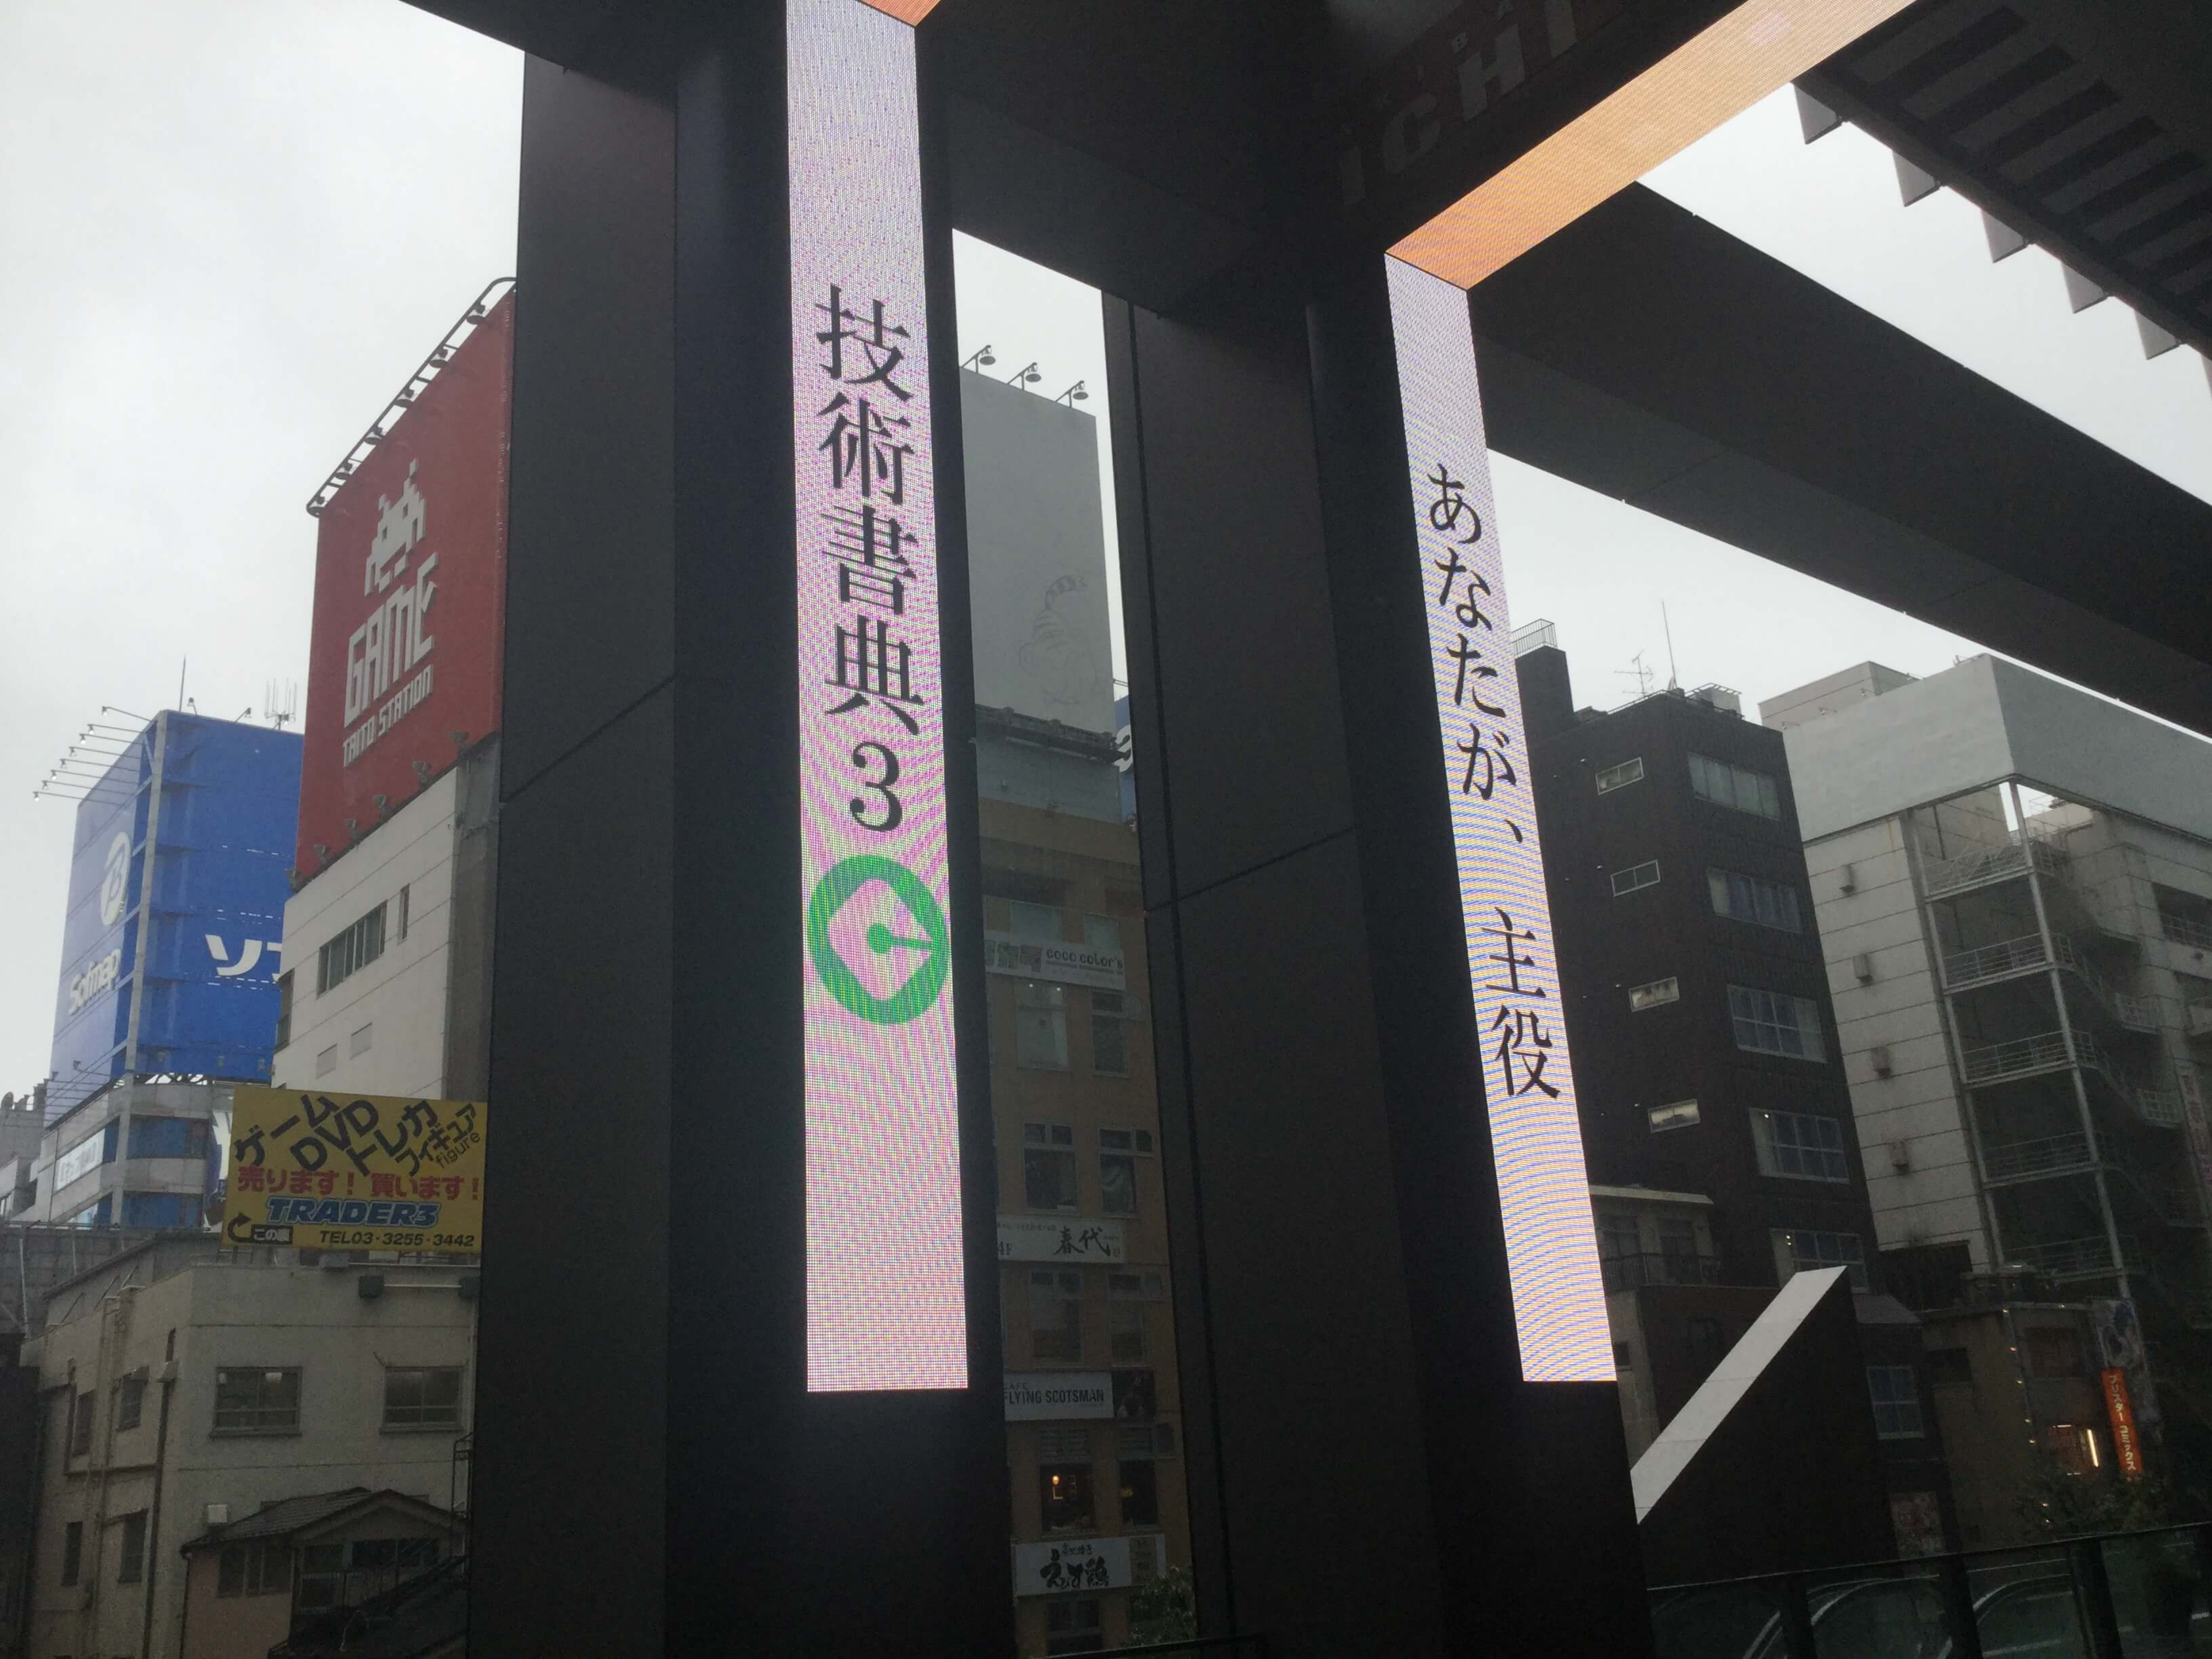 技術書典3 電子掲示板で技術書典3の開催が表示